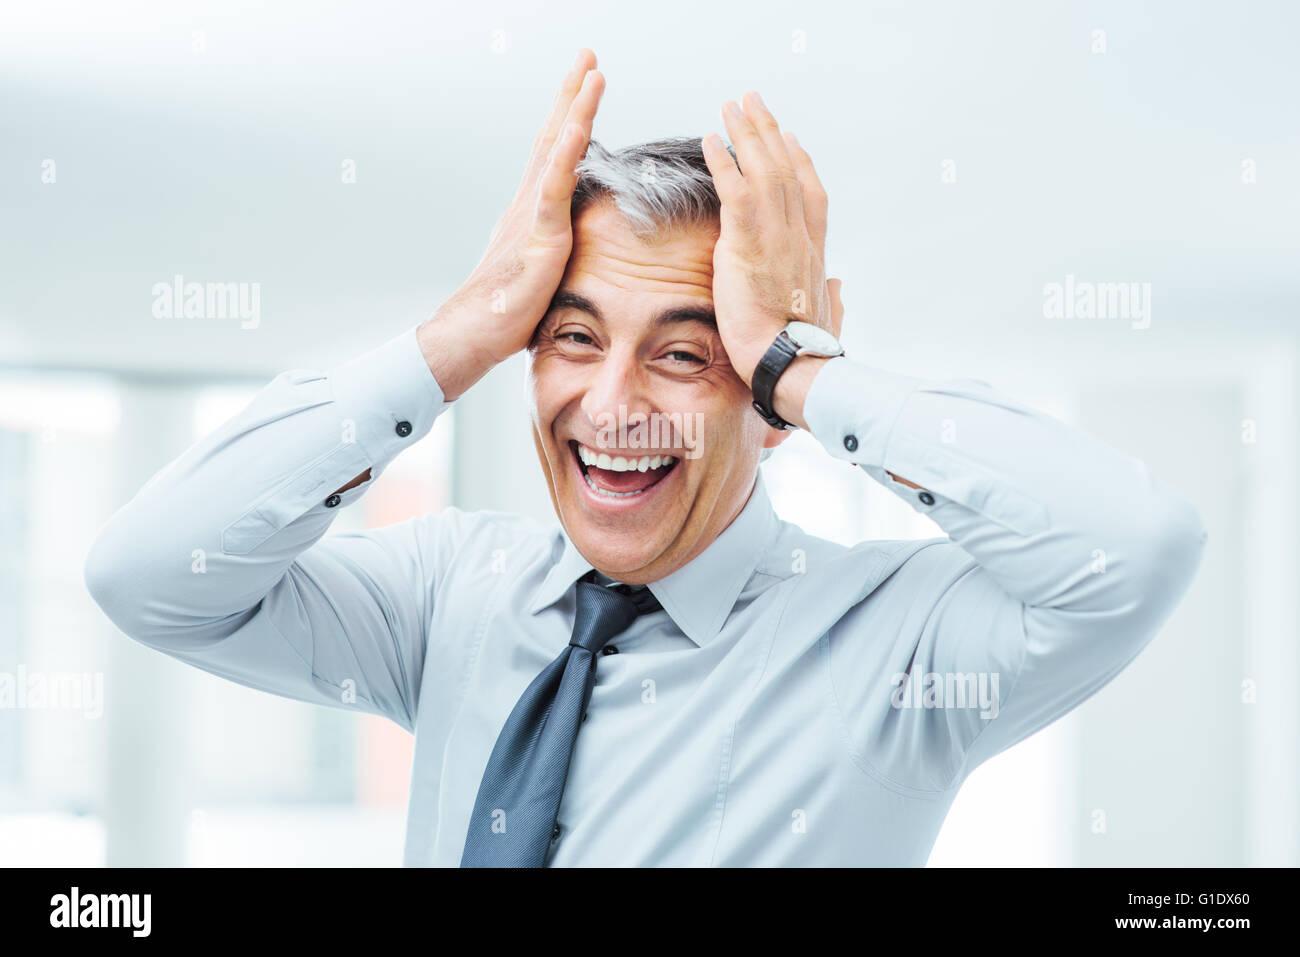 Alegre descuidado empresario riendo y tocando su frente Imagen De Stock